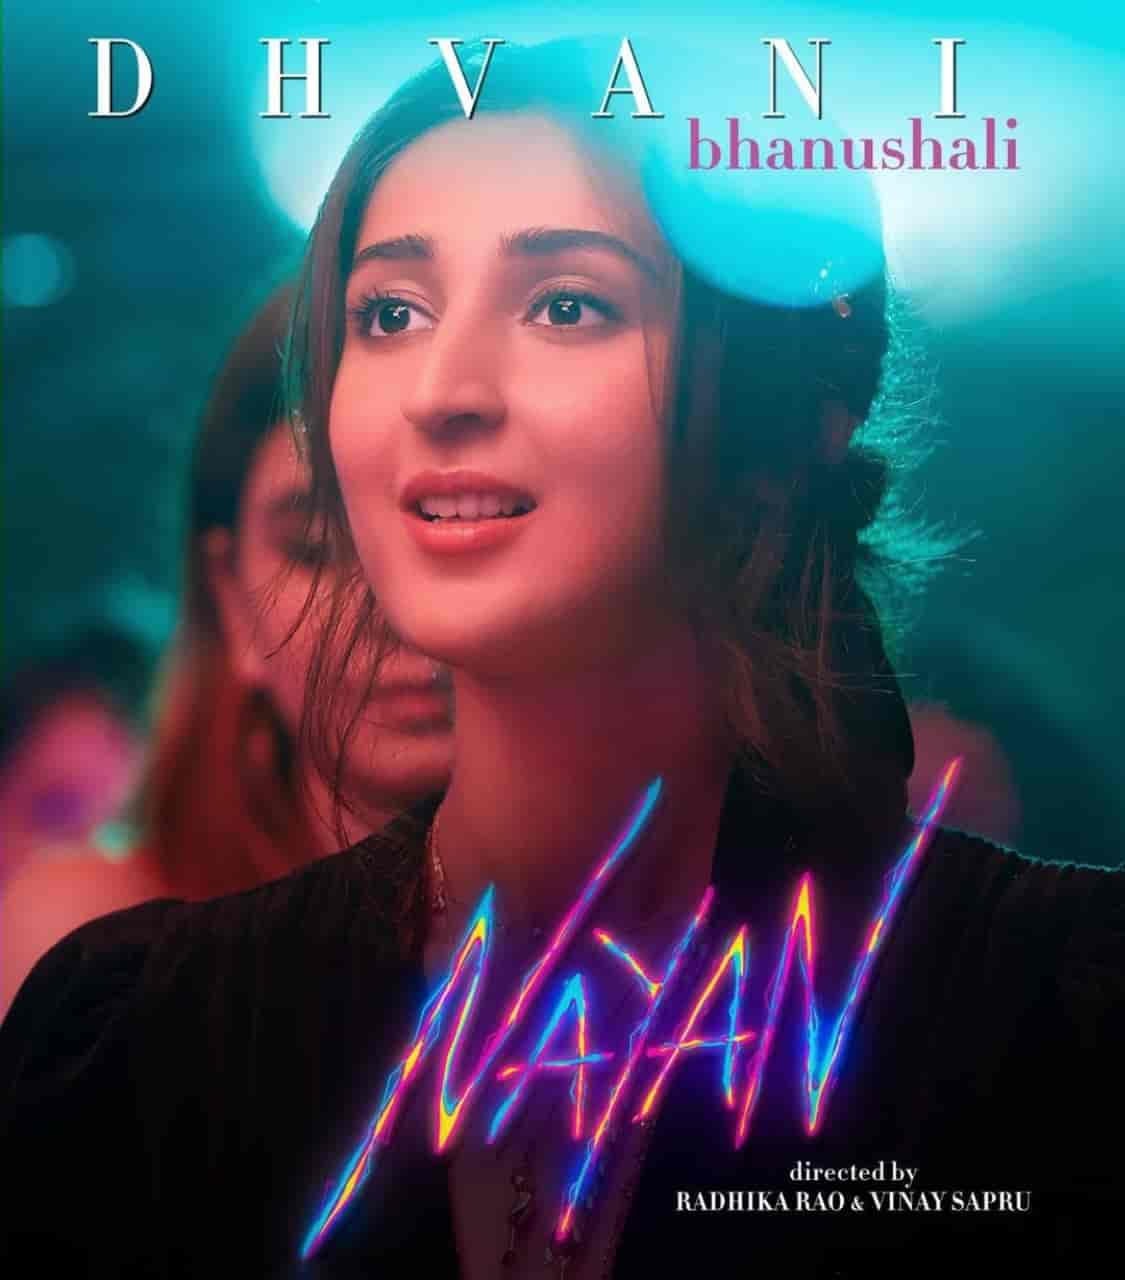 Nayan cute hindi song image features Dhvani Bhanushali